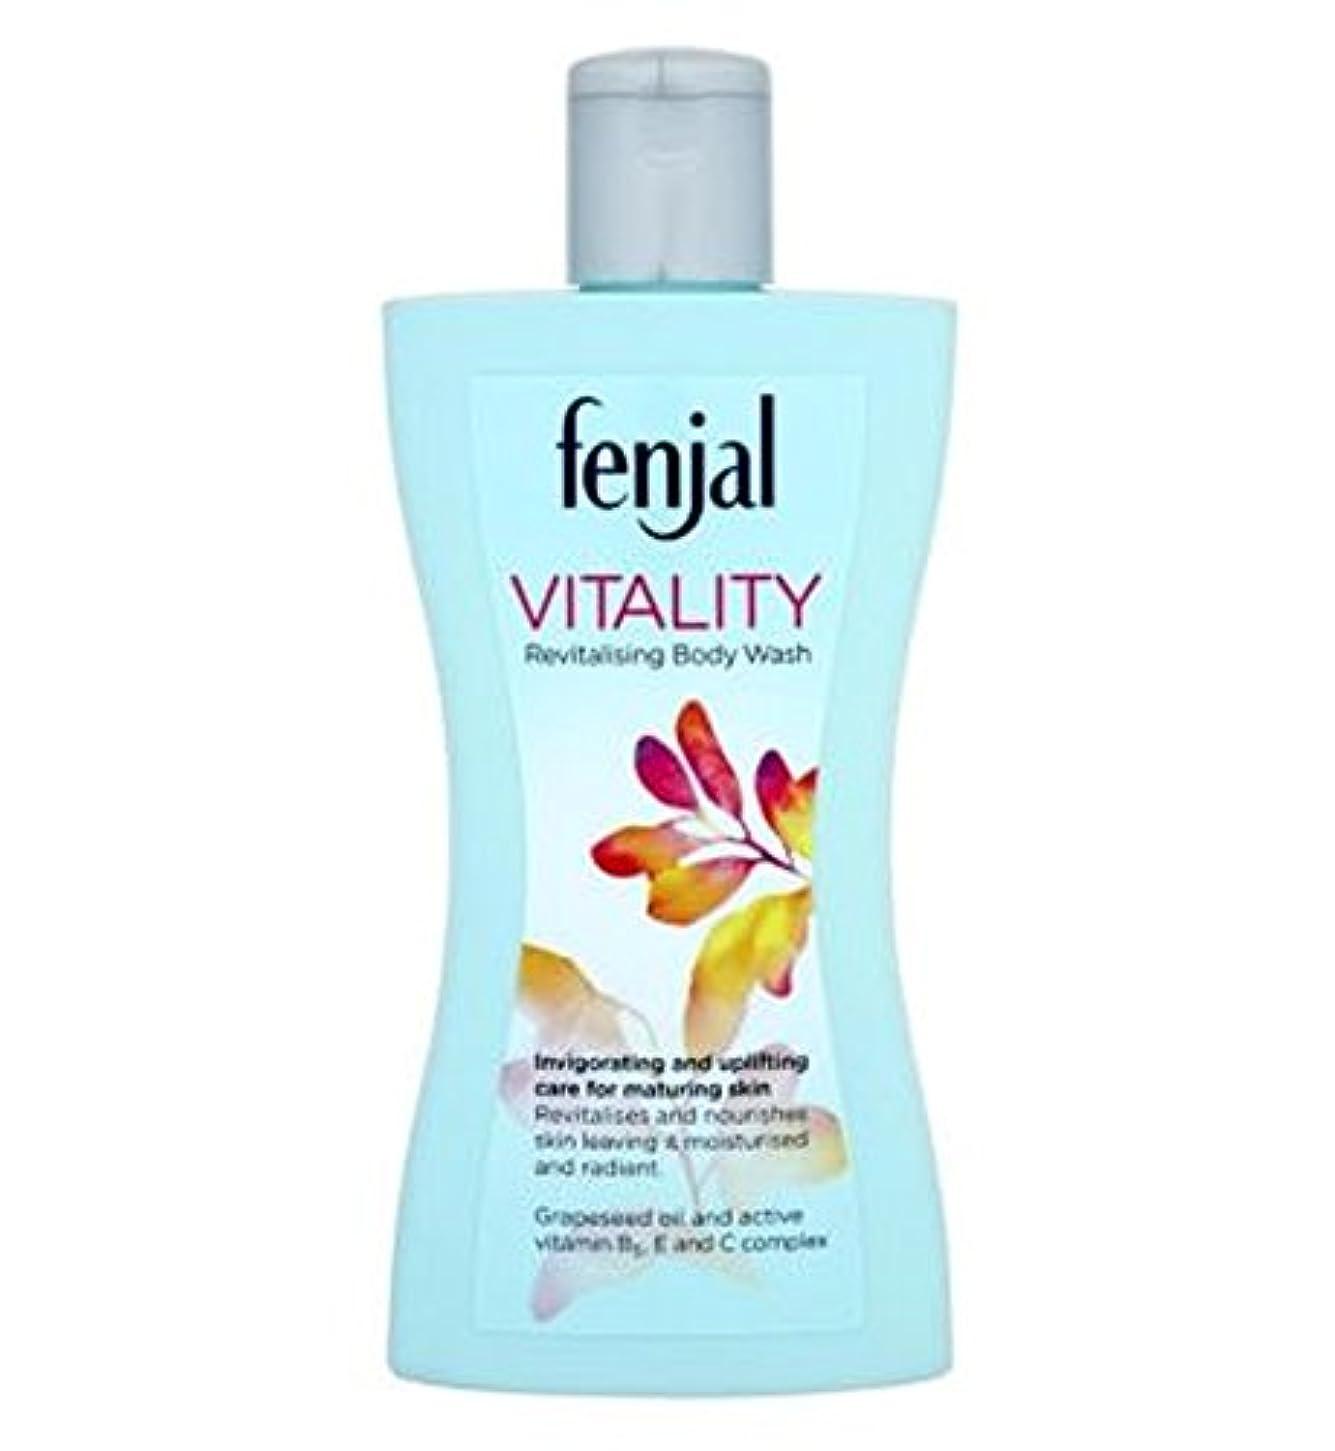 キルスマスク最後にFenjal Vitality revitalising Body Wash - Fenjal活力活性化ボディウォッシュ (Fenjal) [並行輸入品]